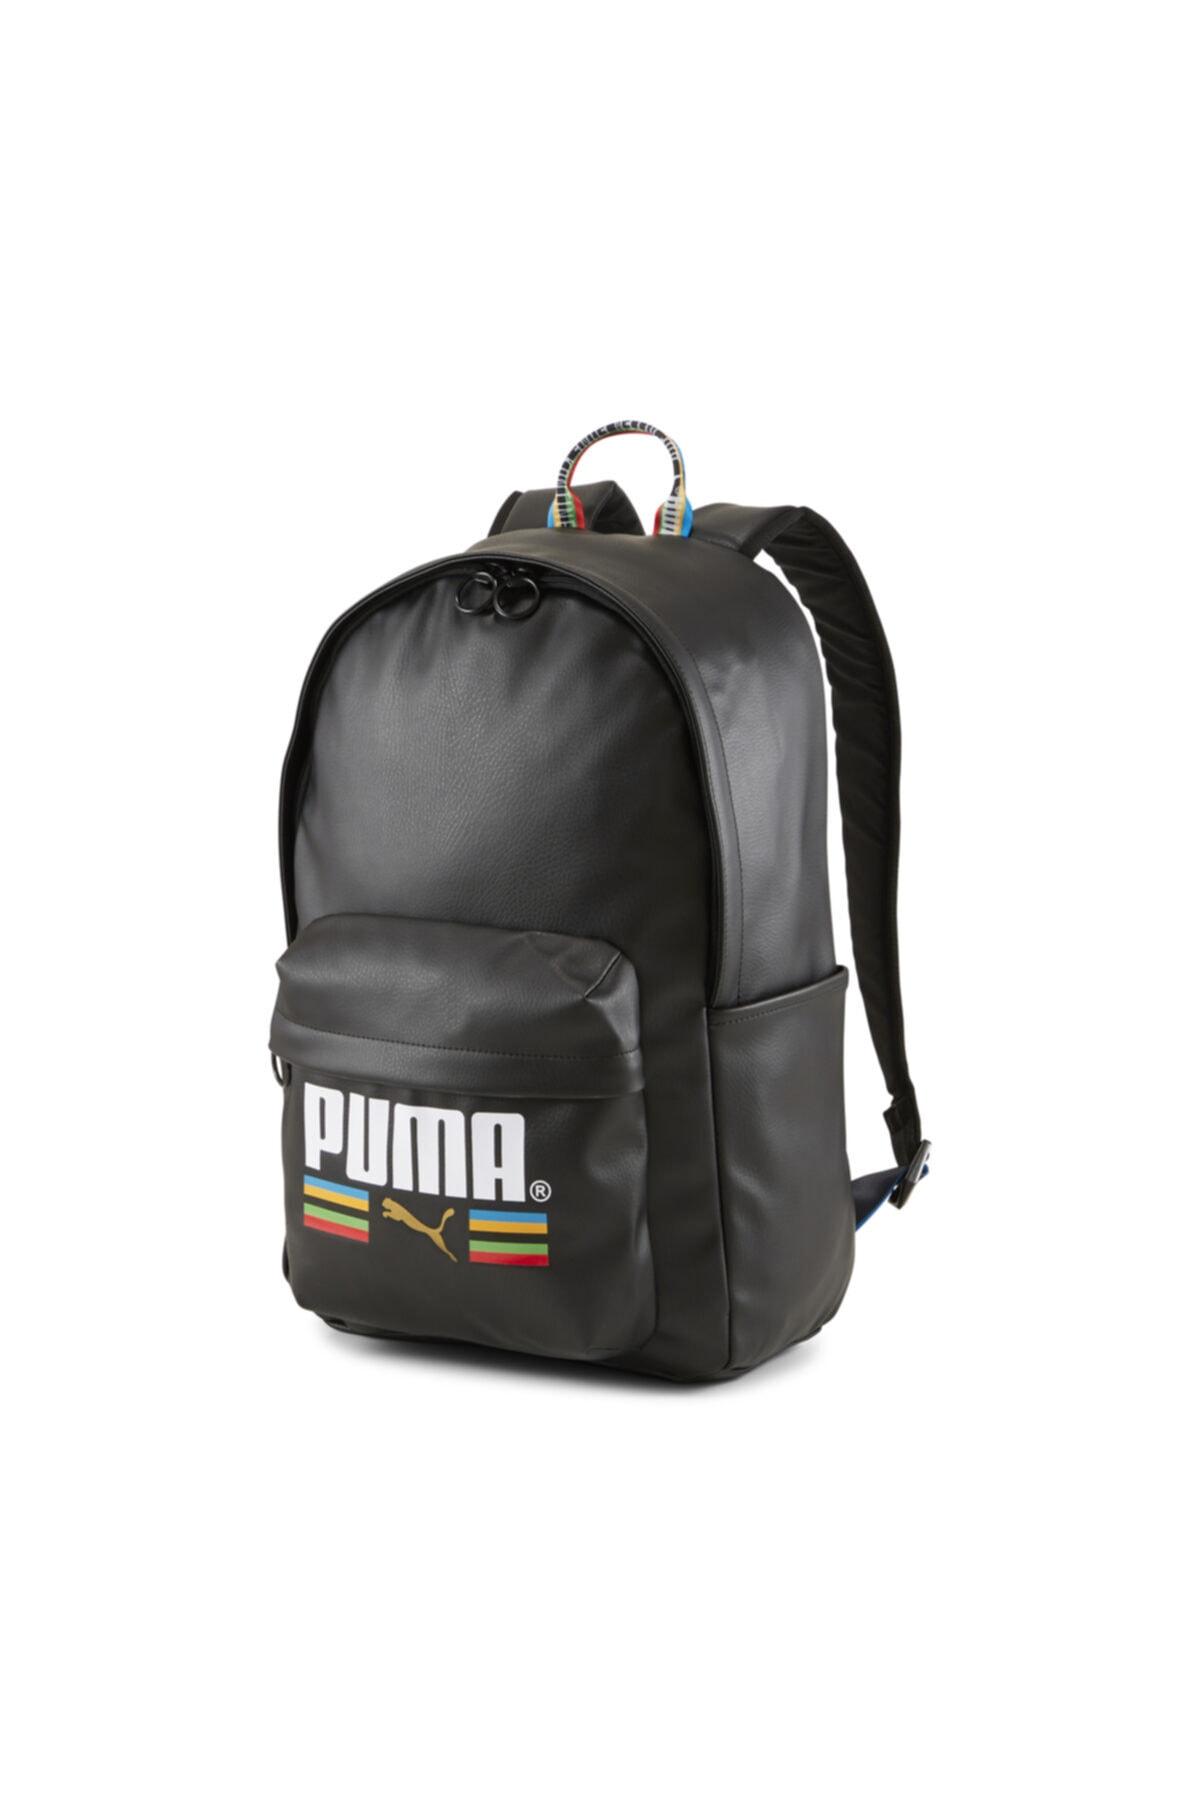 Puma Originals Pu Kadın Sırt Çantası 07778301 1